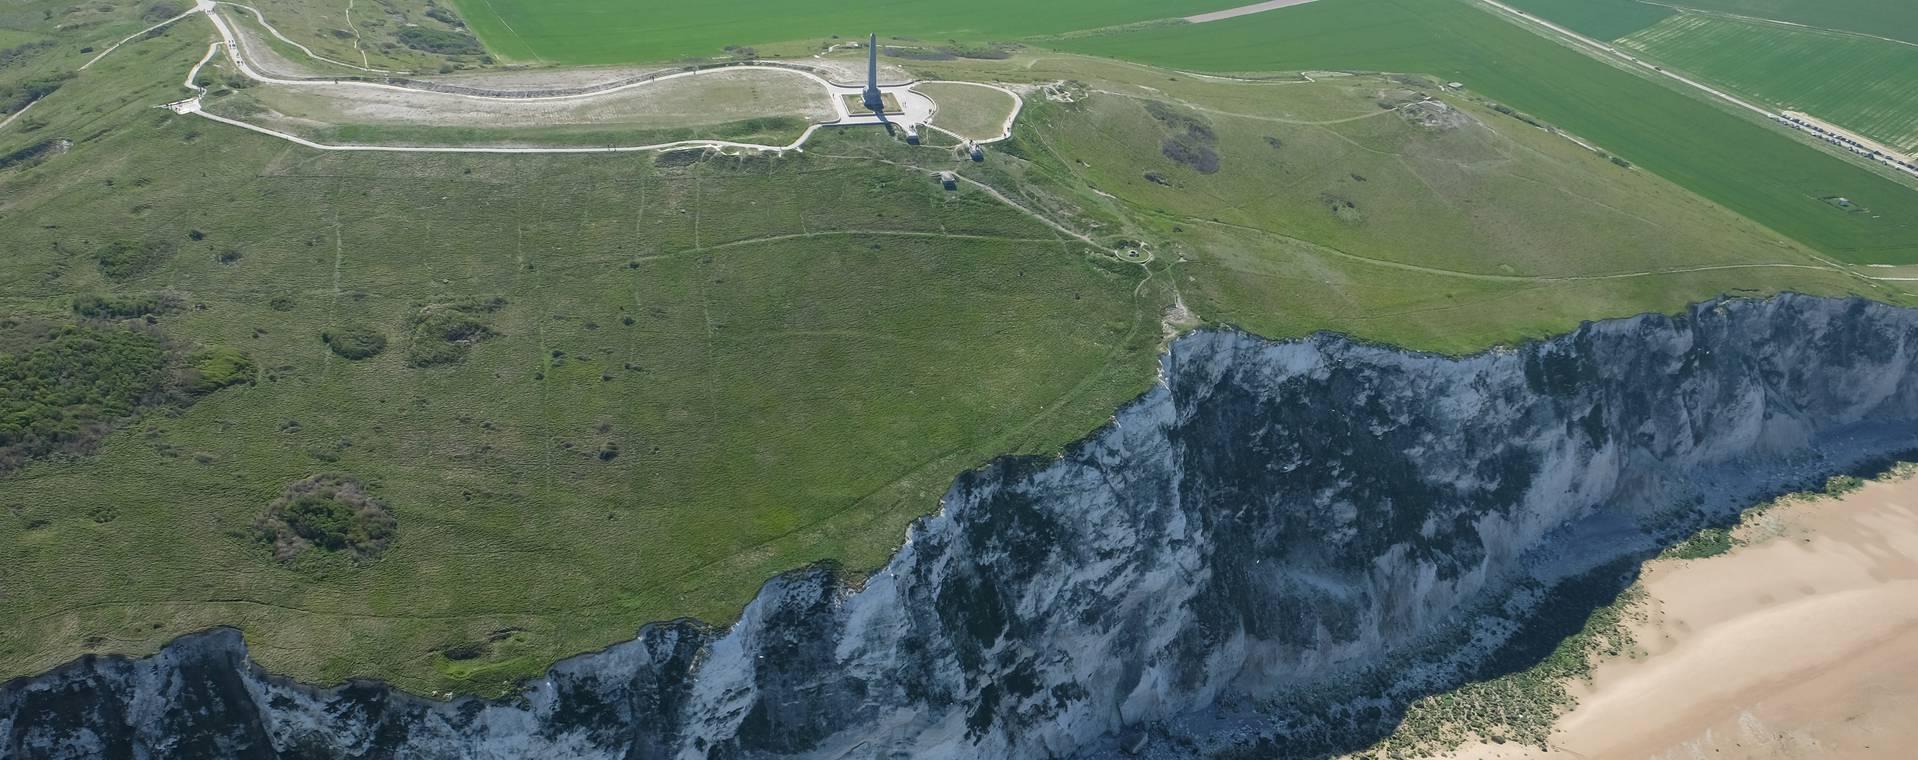 Cap Blanc Nez